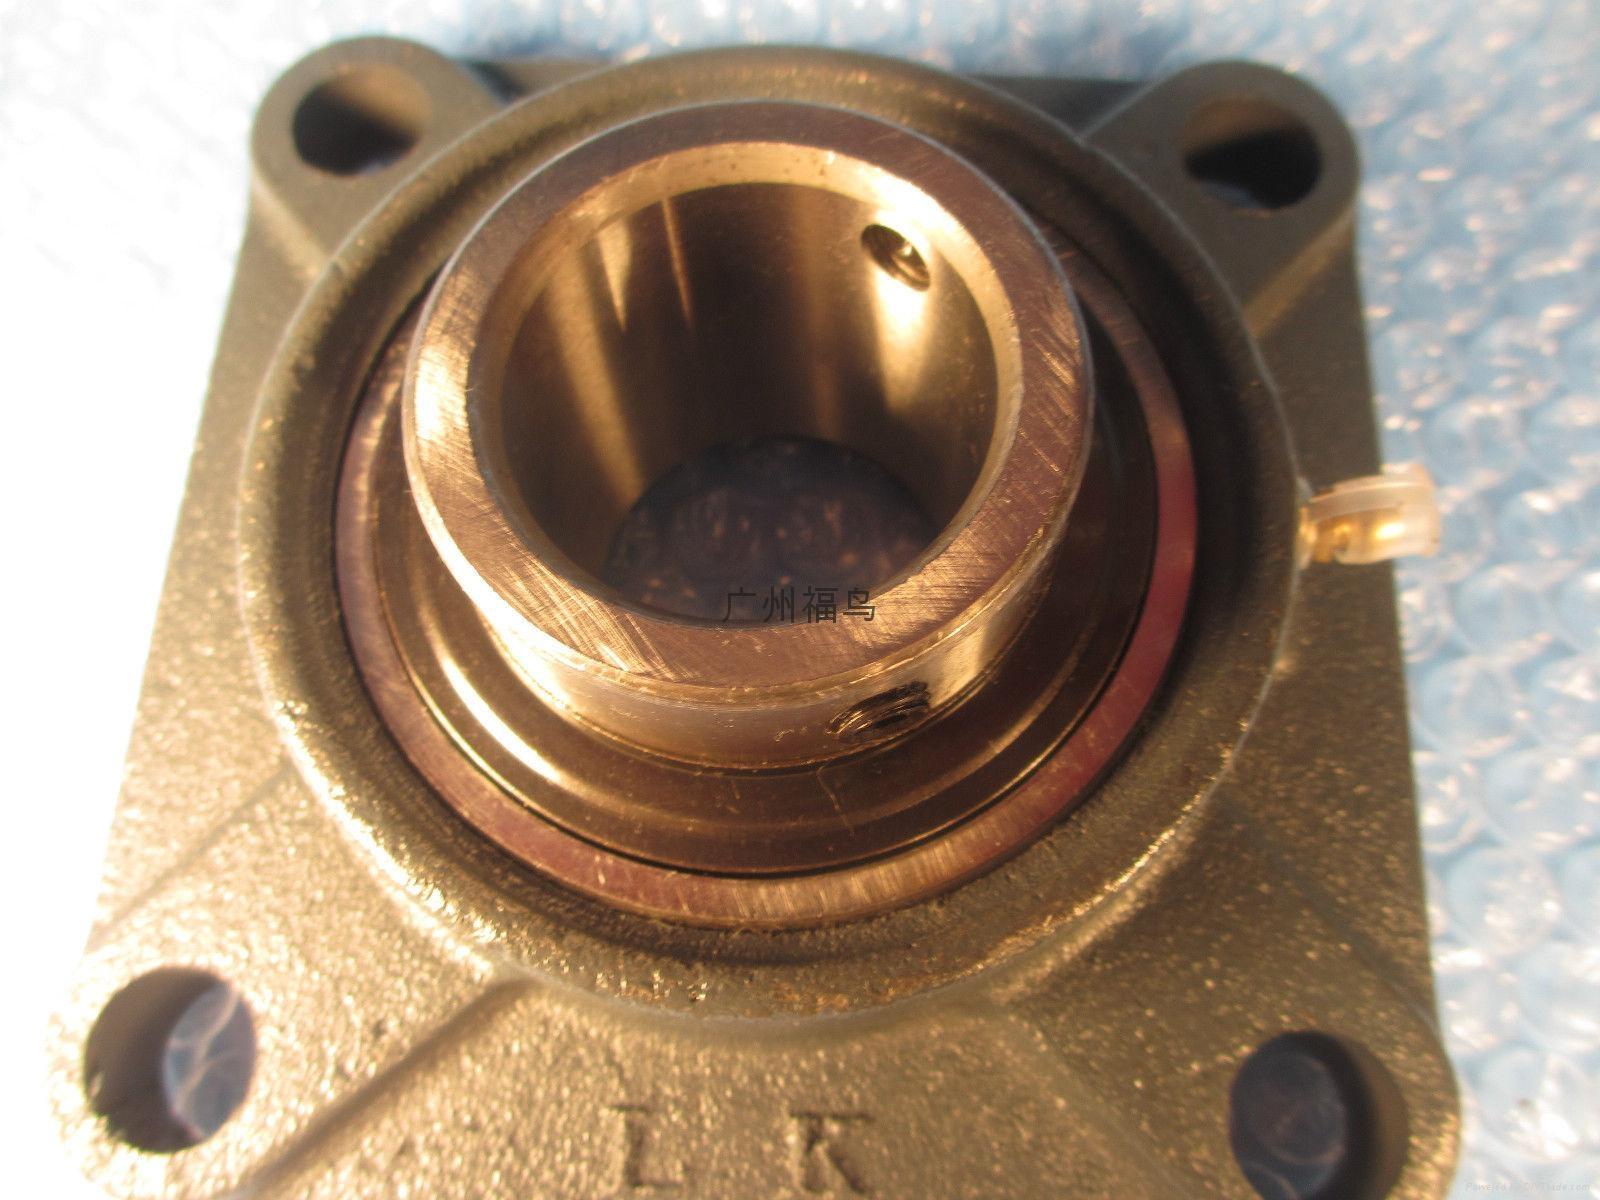 DAYTON軸承 帶座軸承 法蘭軸承 襯套  3